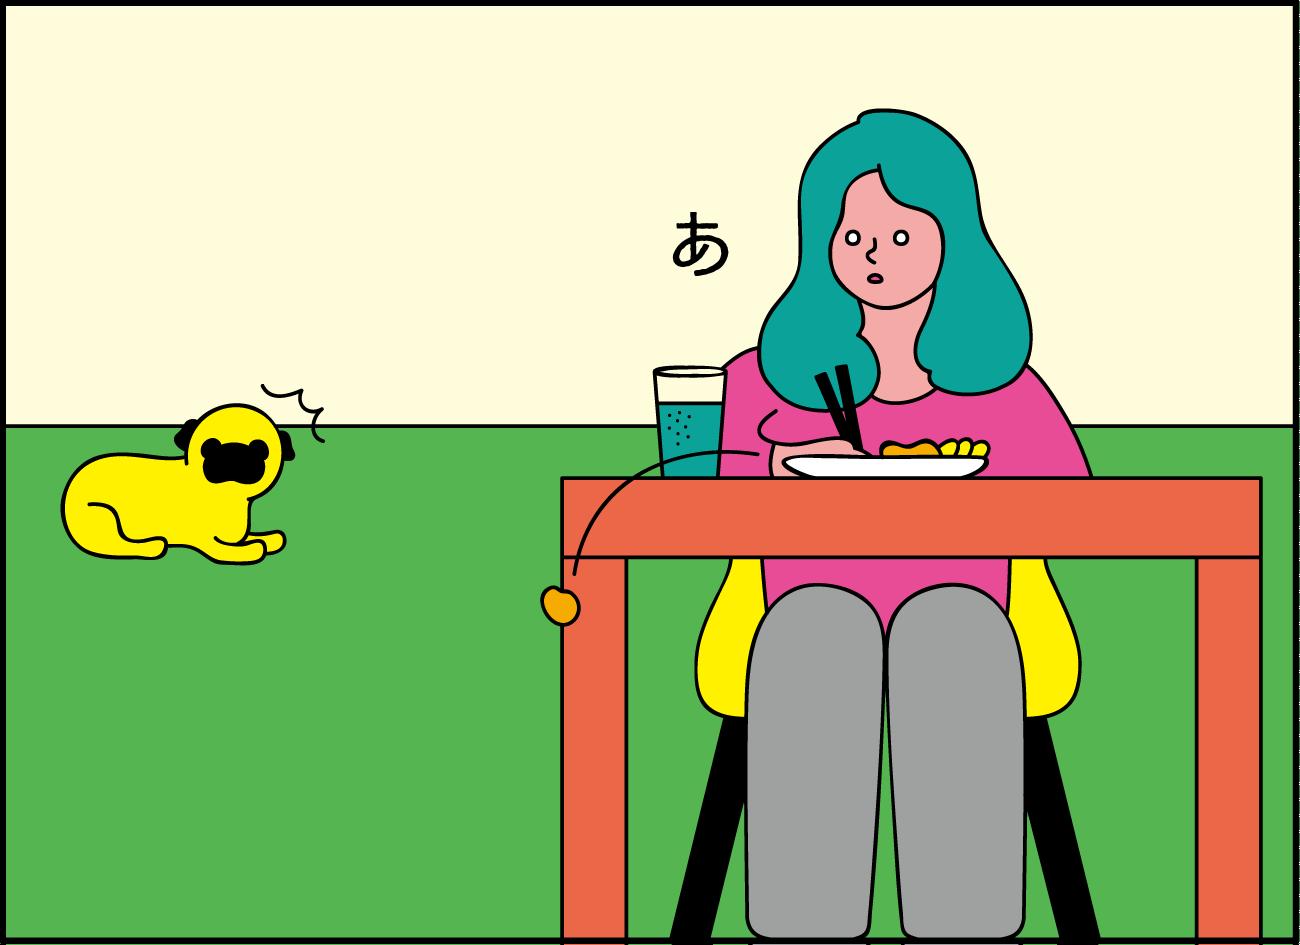 スピード勝負【ほのぼの系Daily Comic/パグとわたし】